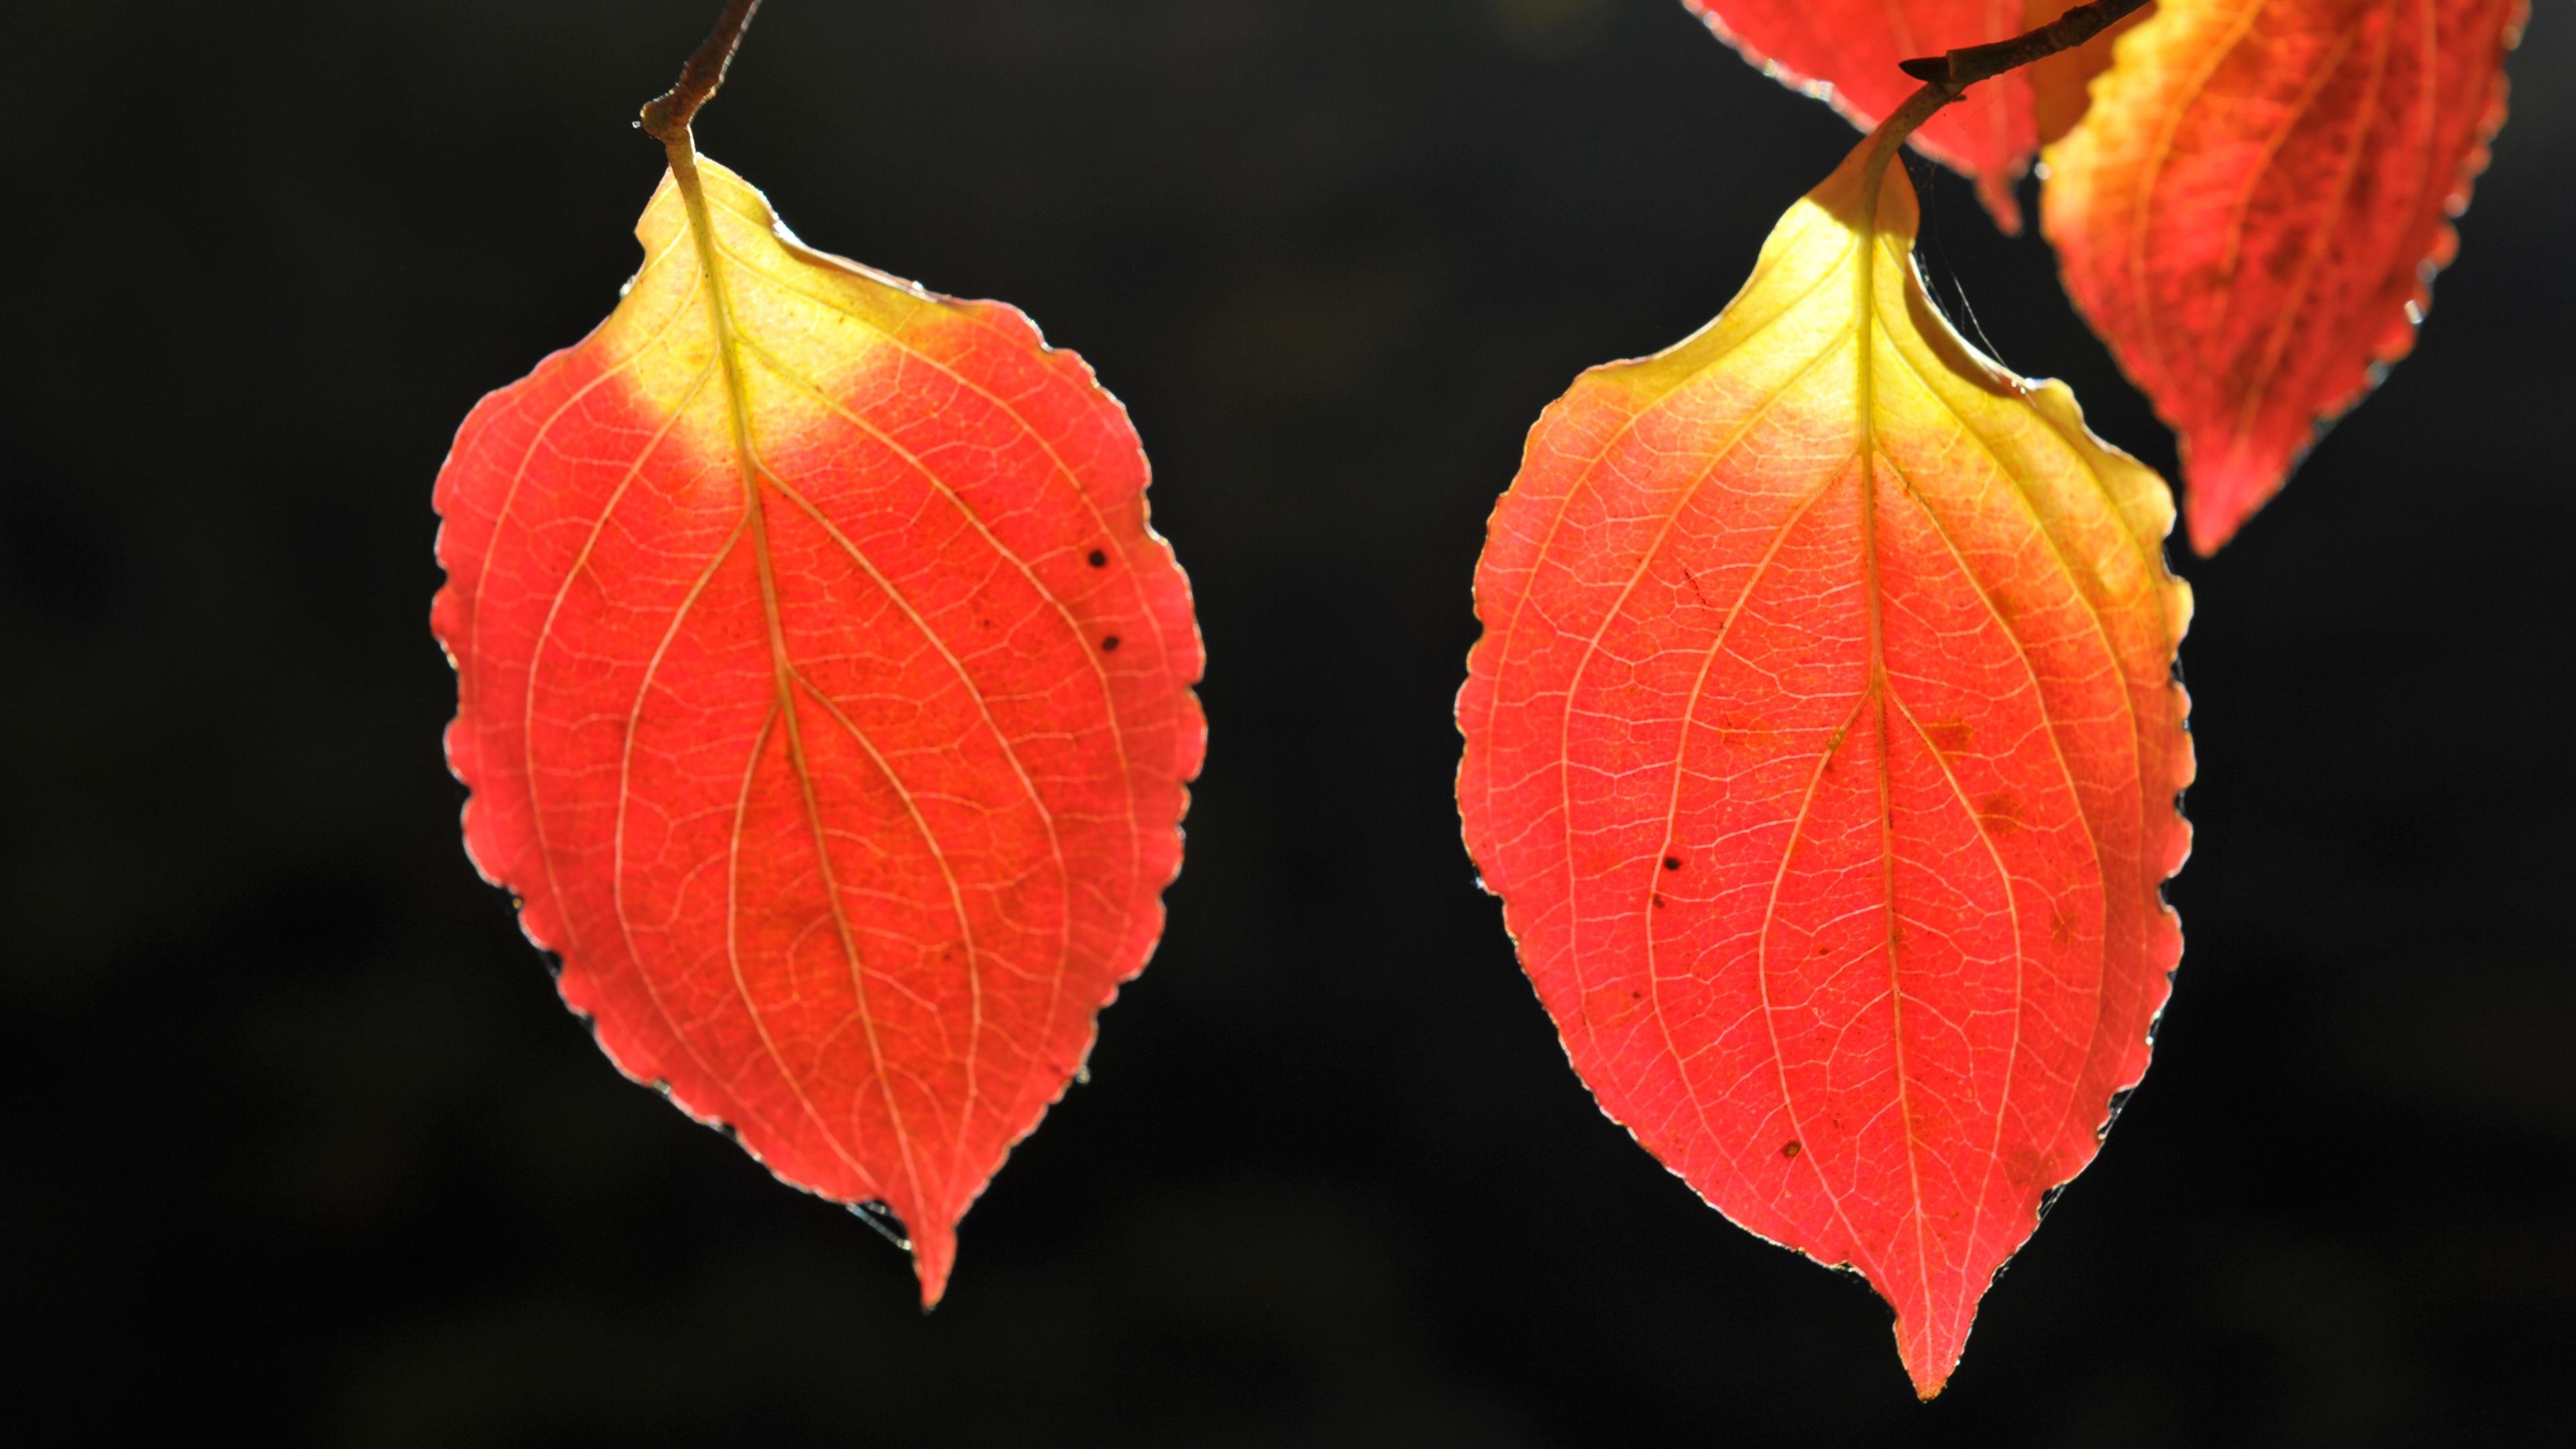 Wallpaper 4k Autumn Leaves 4k 4k Wallpapers 5k Wallpapers